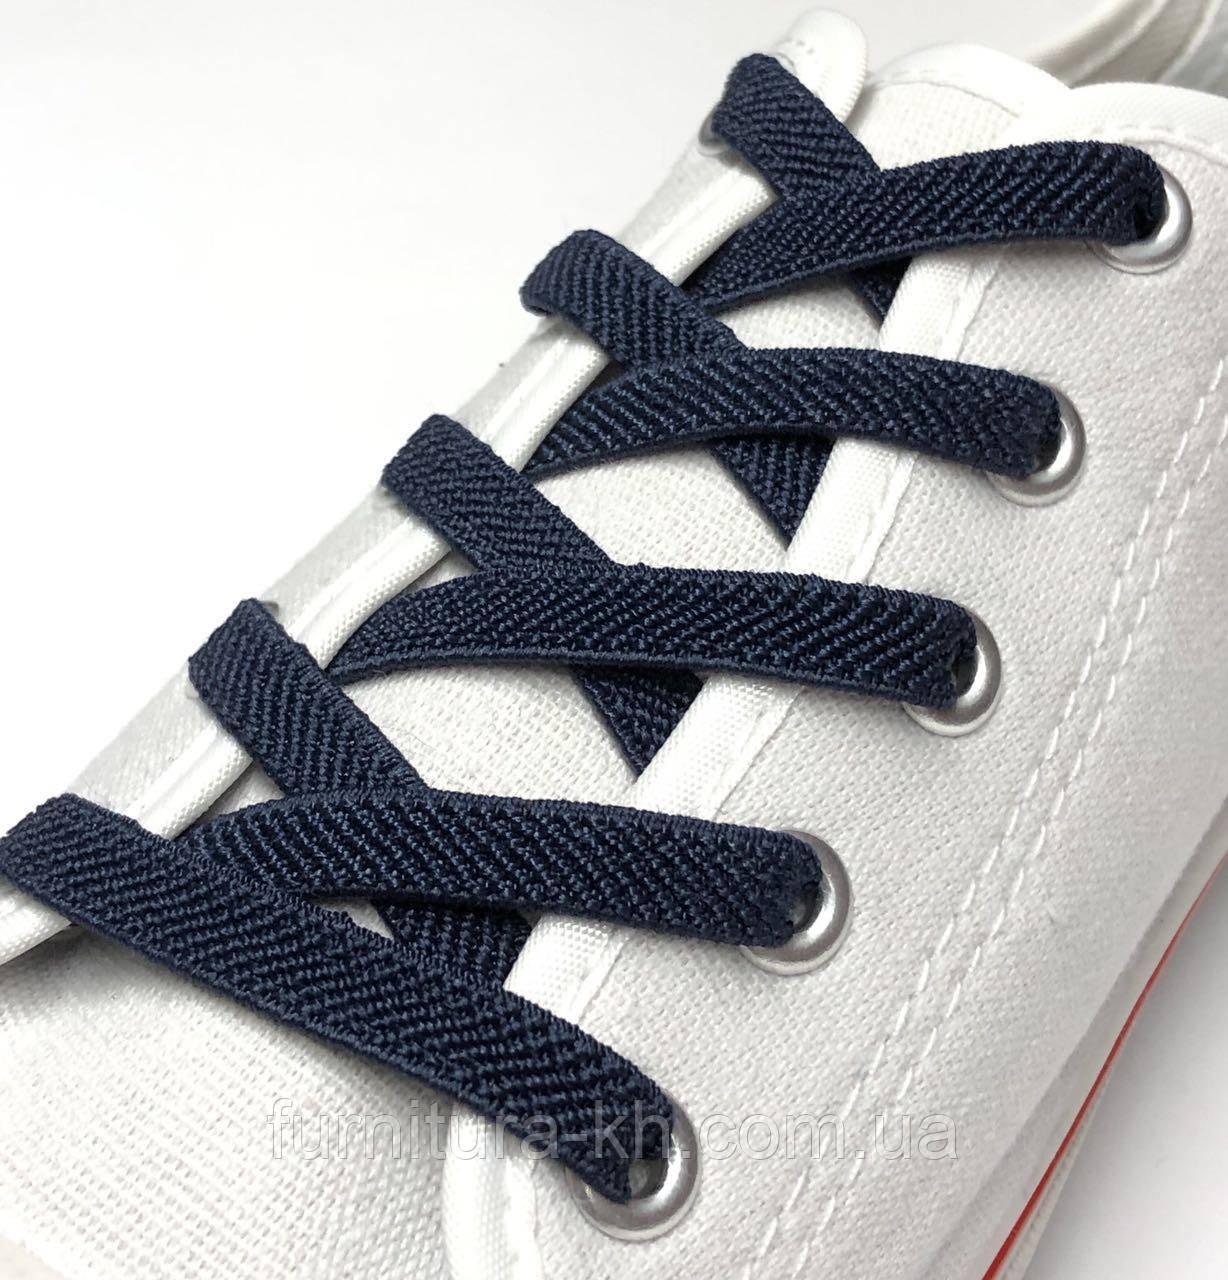 Шнурок Резиновый Плоский-Цвет Темно Синий  (толщина 7 мм).Длинна 0,80 см